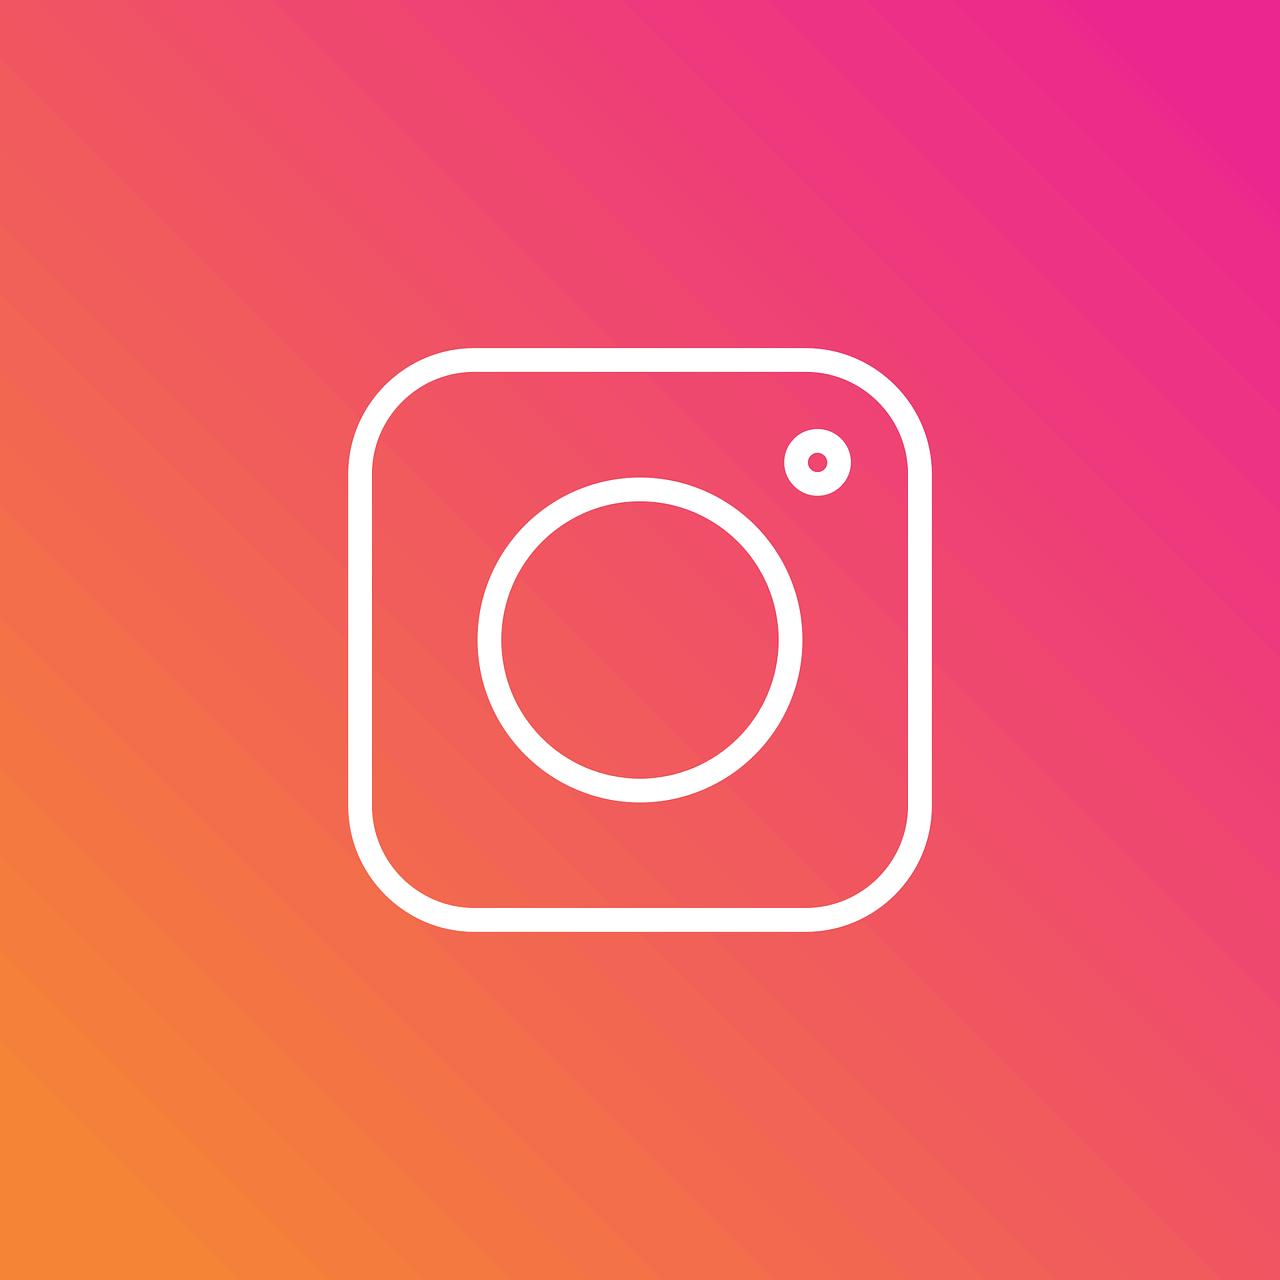 خدمة Instagram Live أصبح بإمكانك مُشاهدتها على الويب الآن بعد أن كانت مُقتصرة فقط على الهواتف الذكية